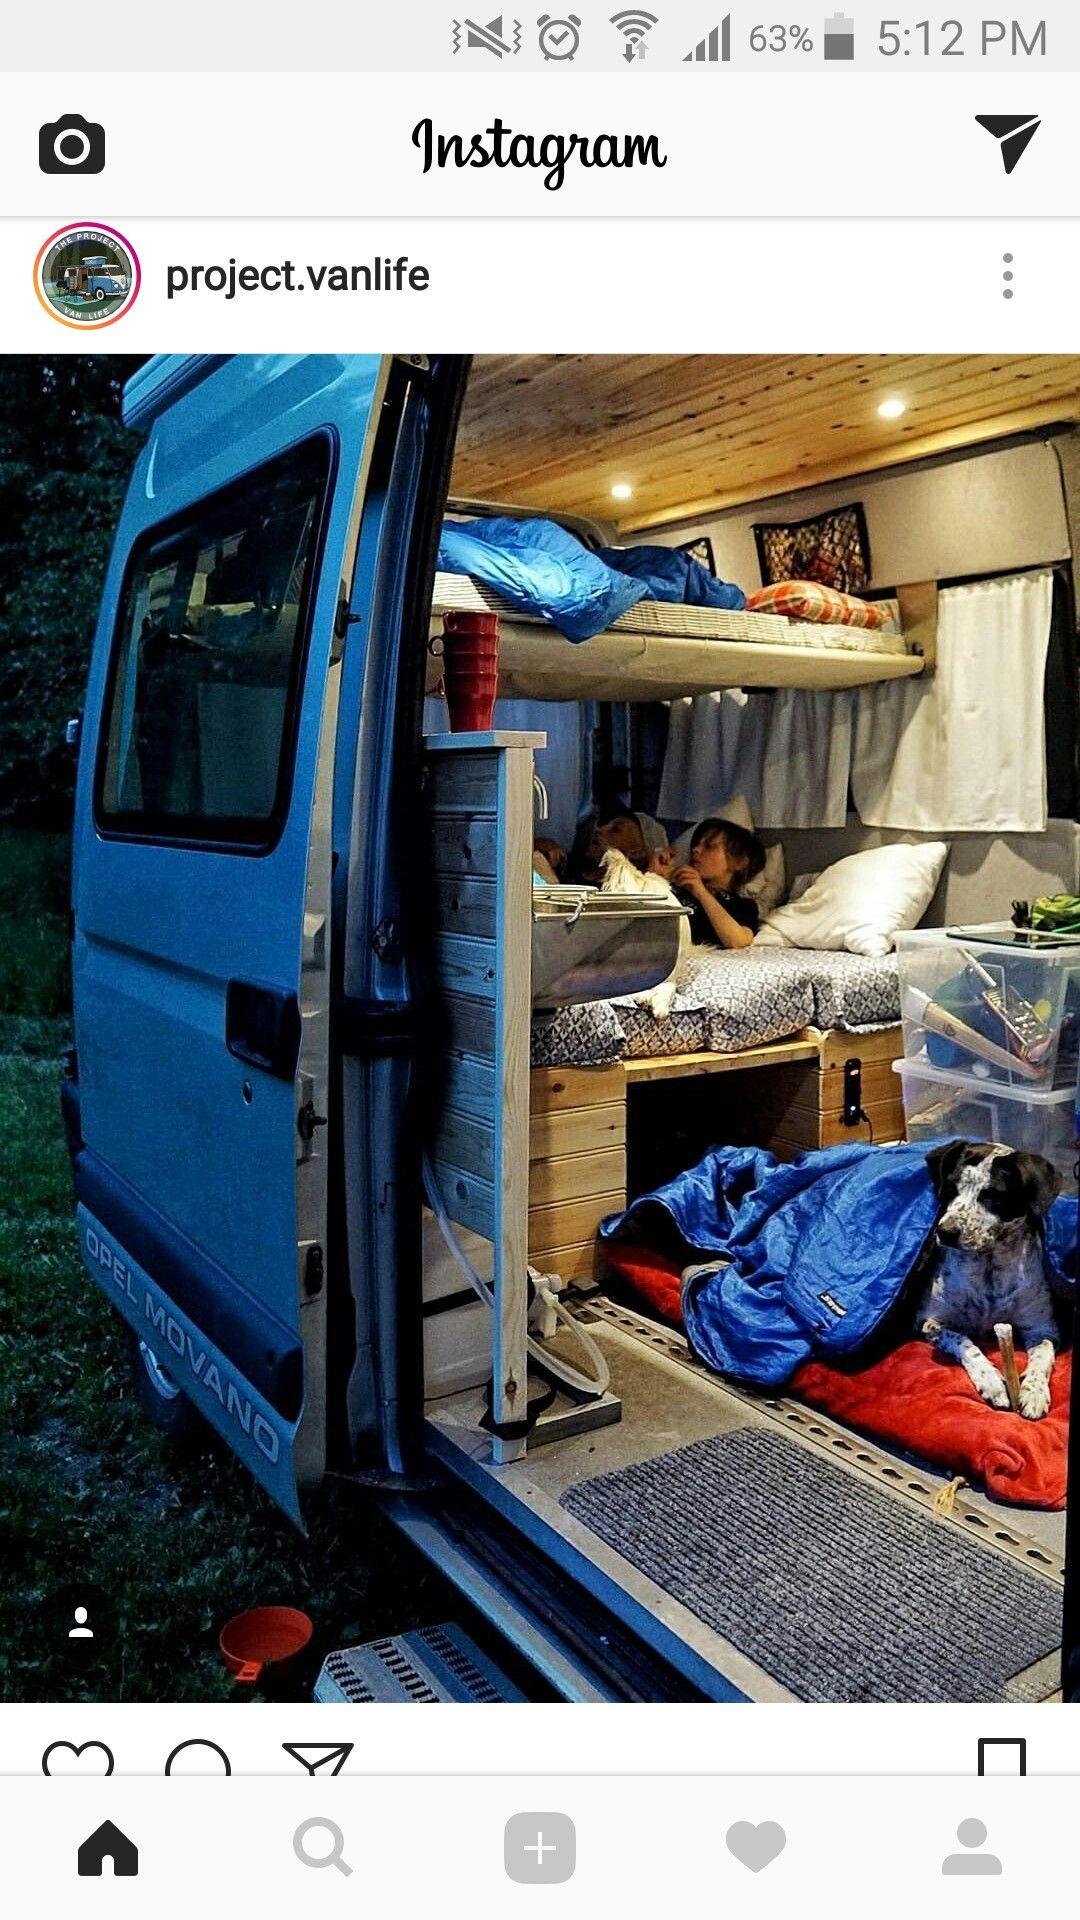 Pin by CJ Dyck on Camper van (With images) Van life diy